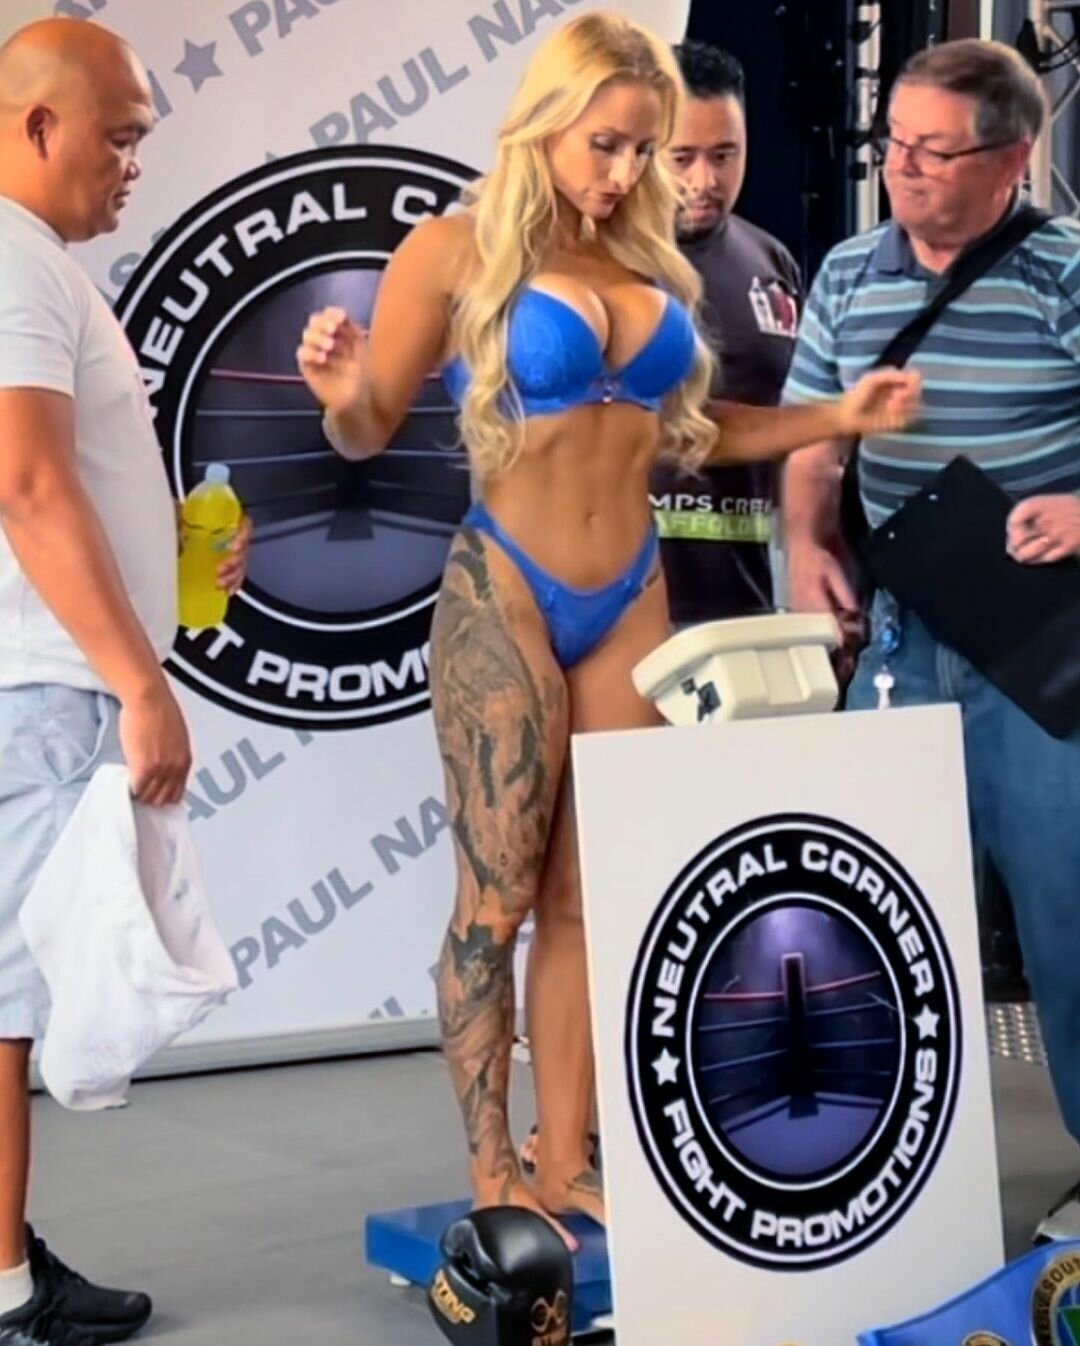 Ебанi Бриджес на взвешивании в синий билизнi